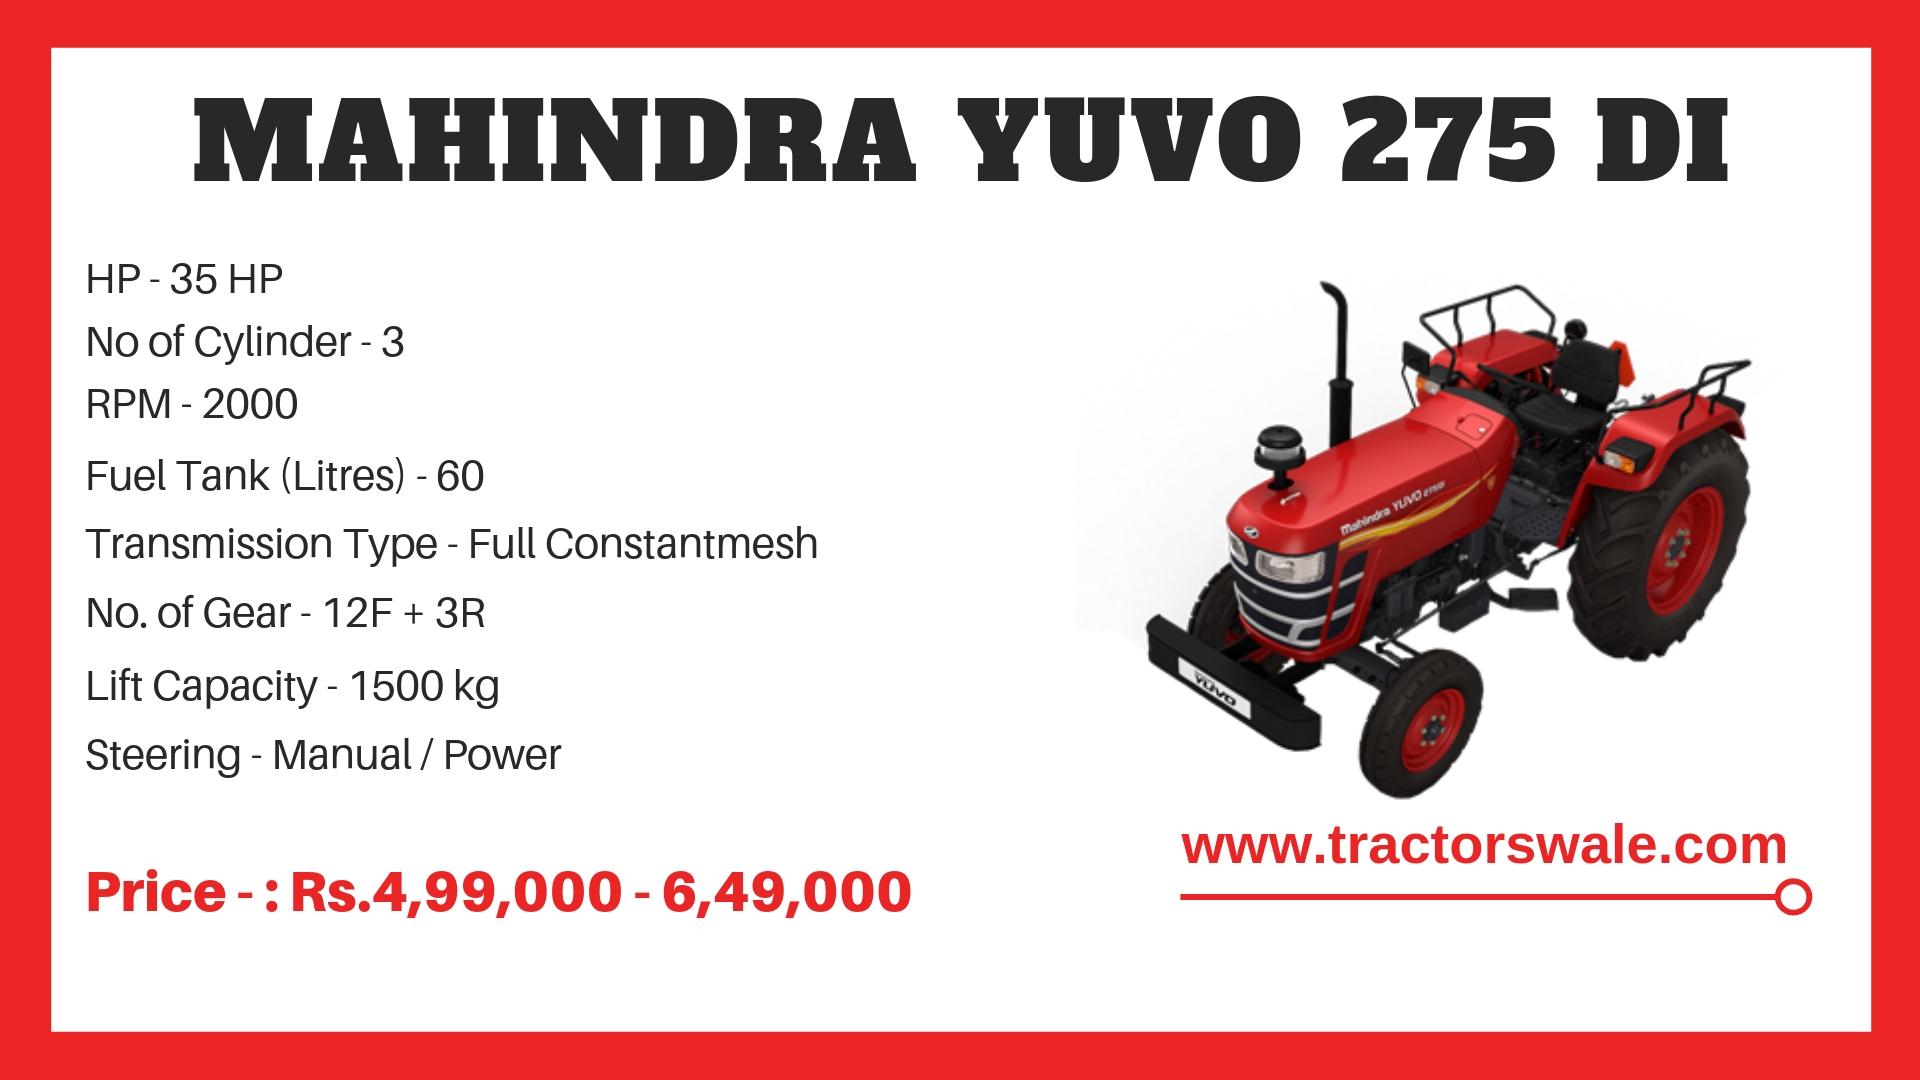 Mahindra Yuvo 275 DI